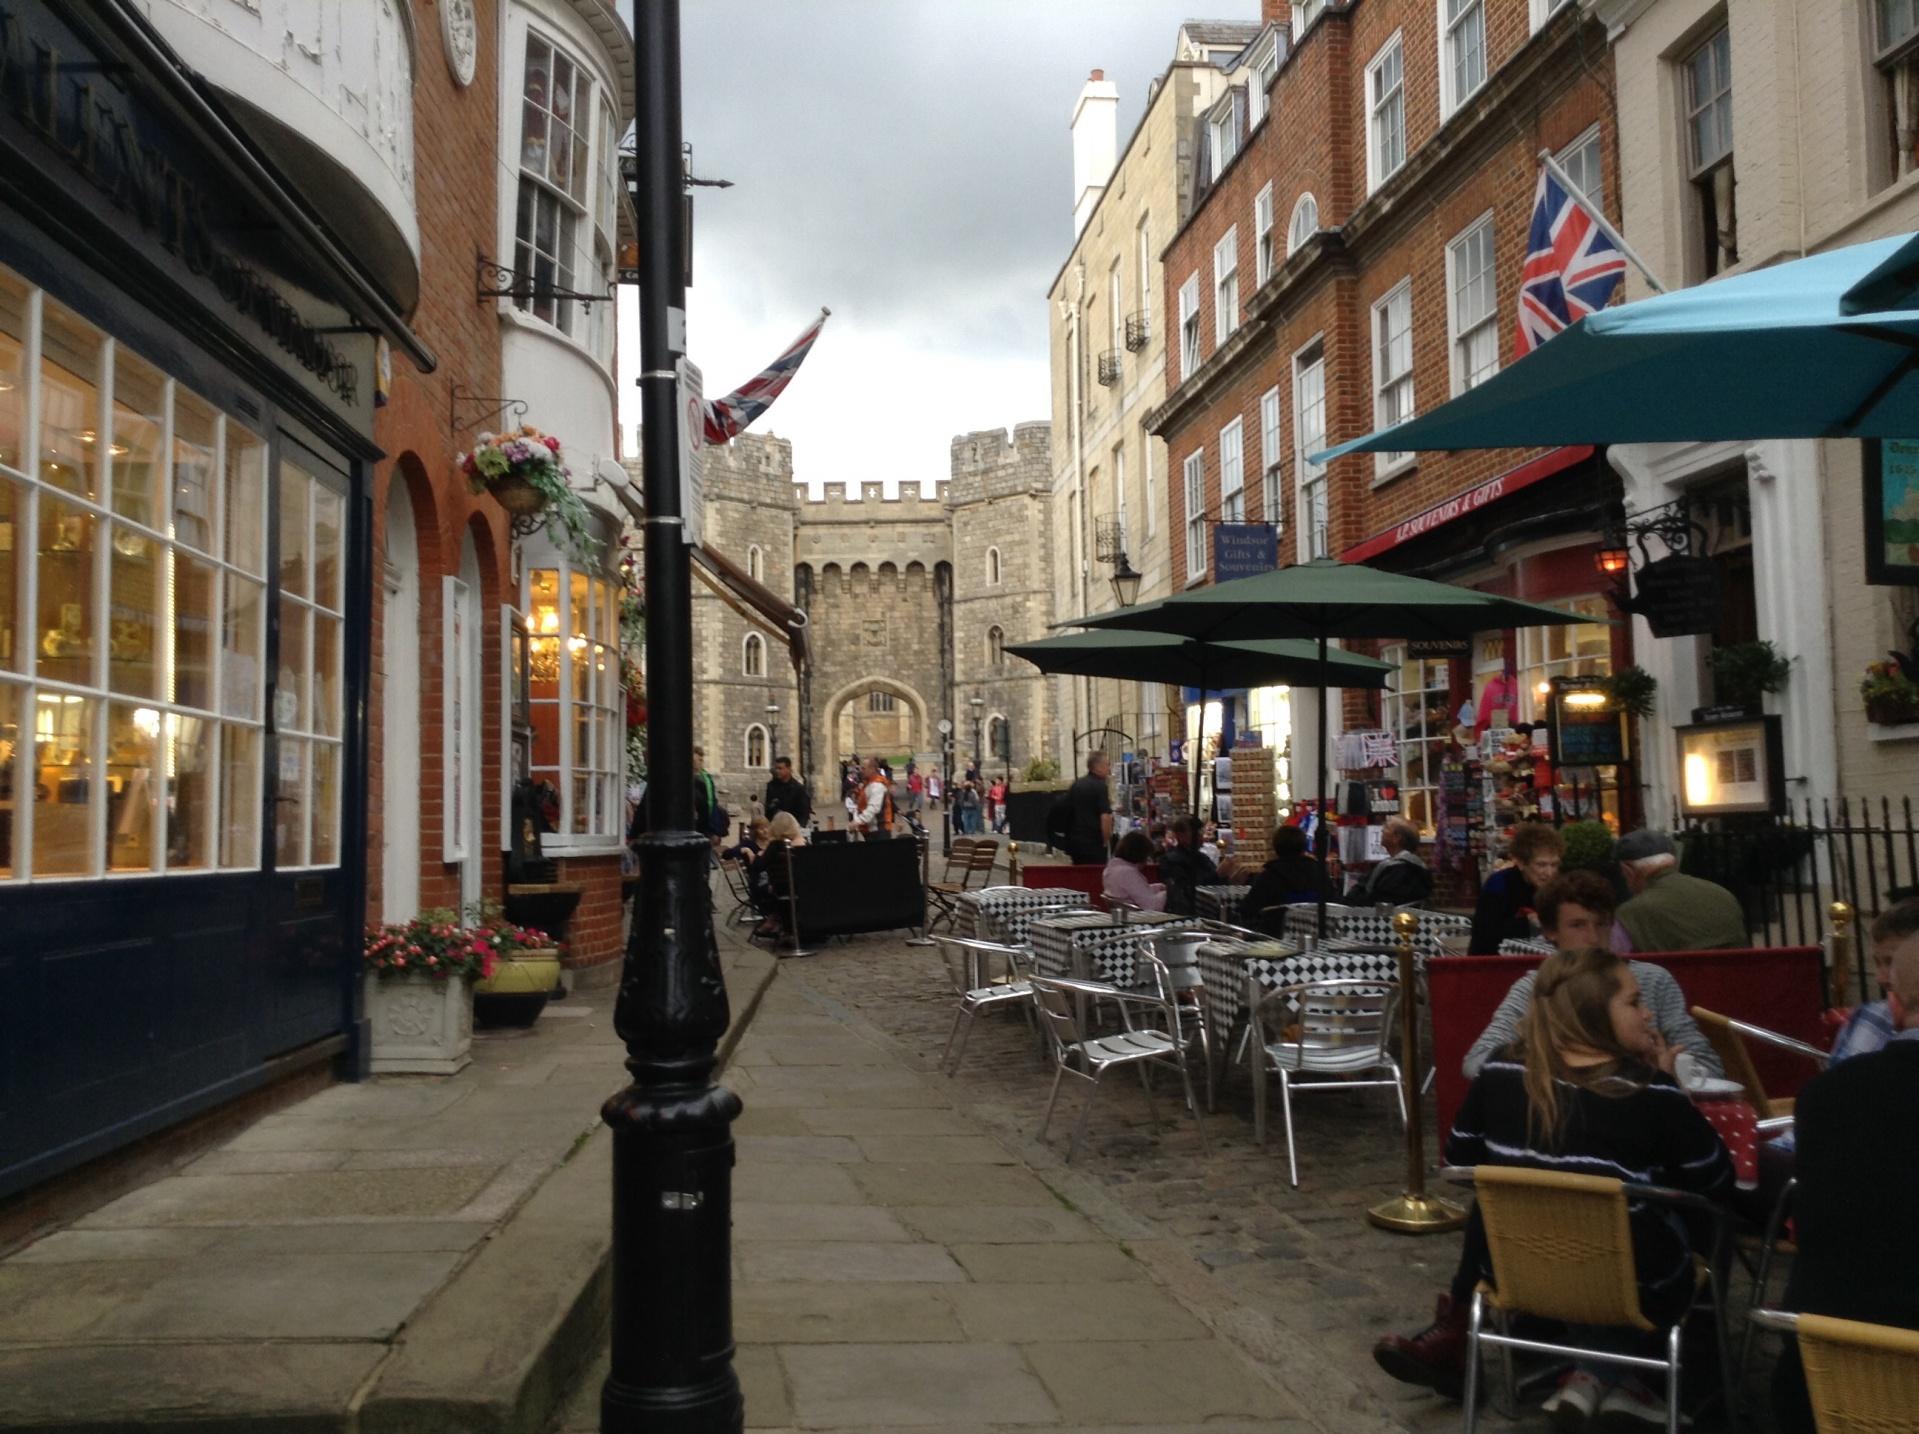 Church Street cobbles